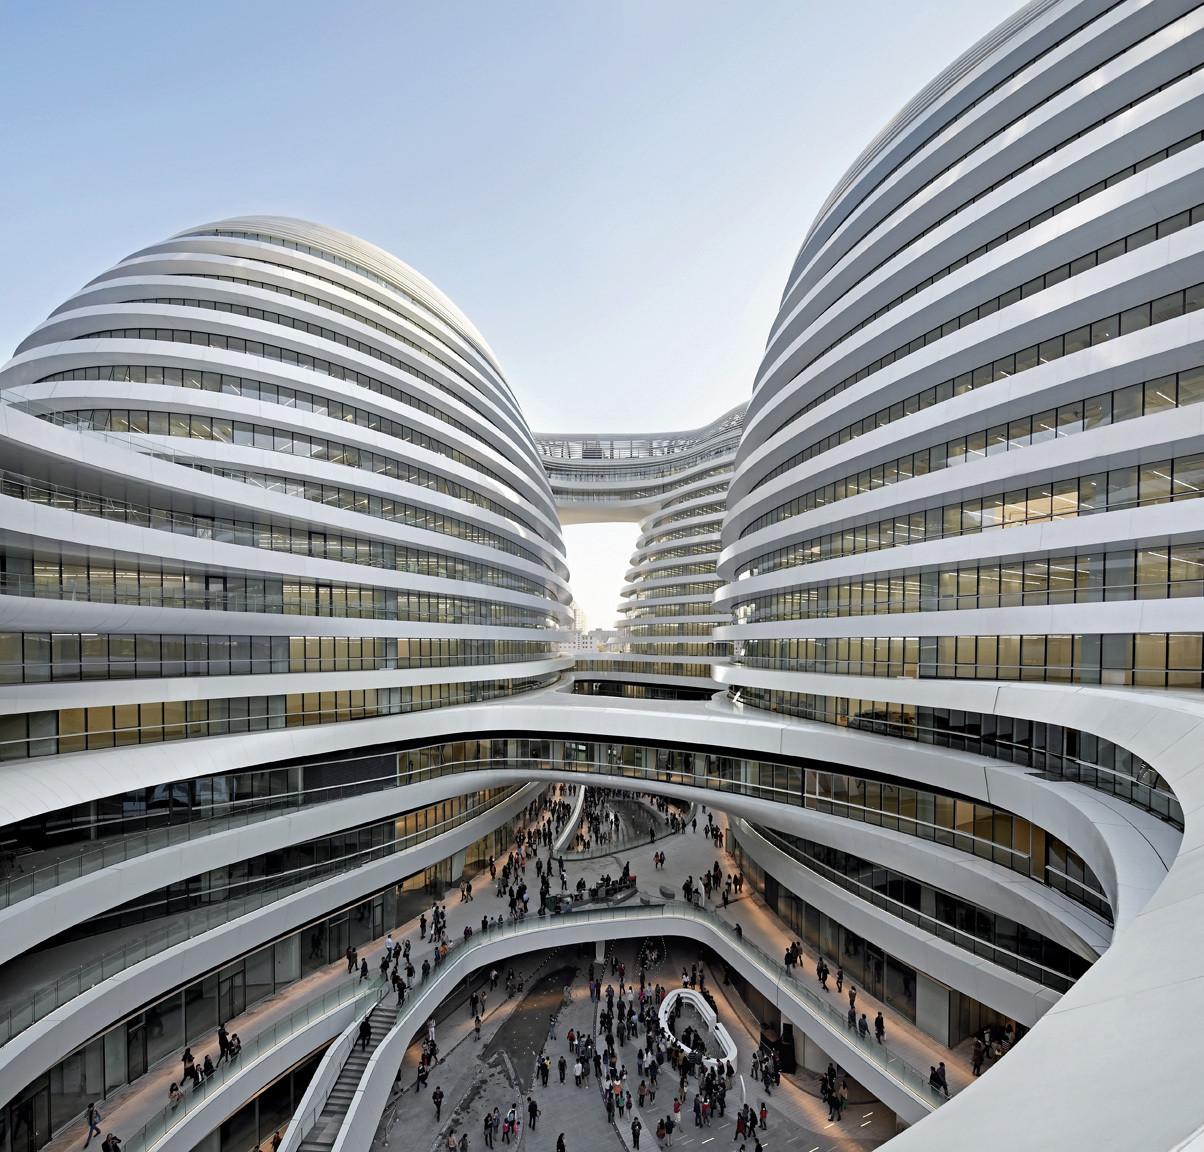 Architecture appreciation article